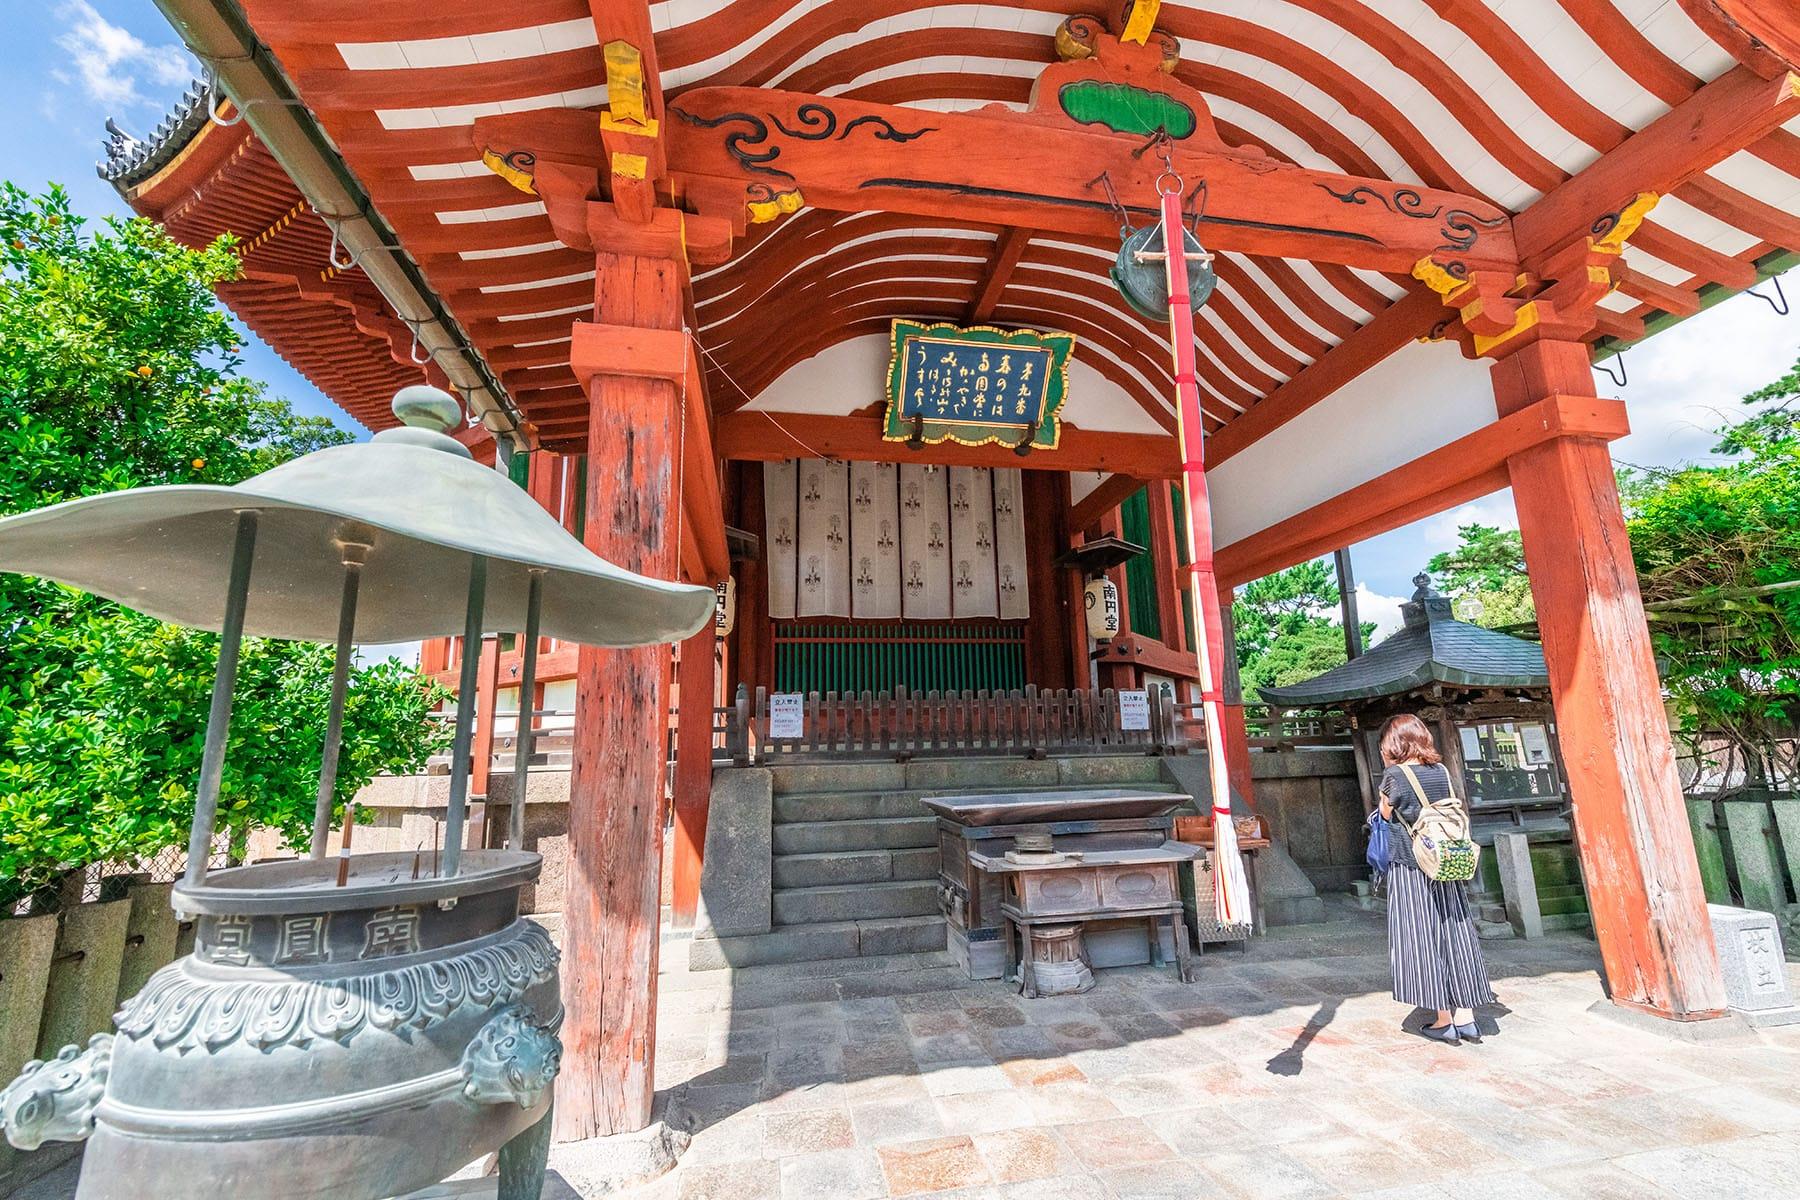 西国札所 第9番【興福寺・南円堂】 | フォトさいたま